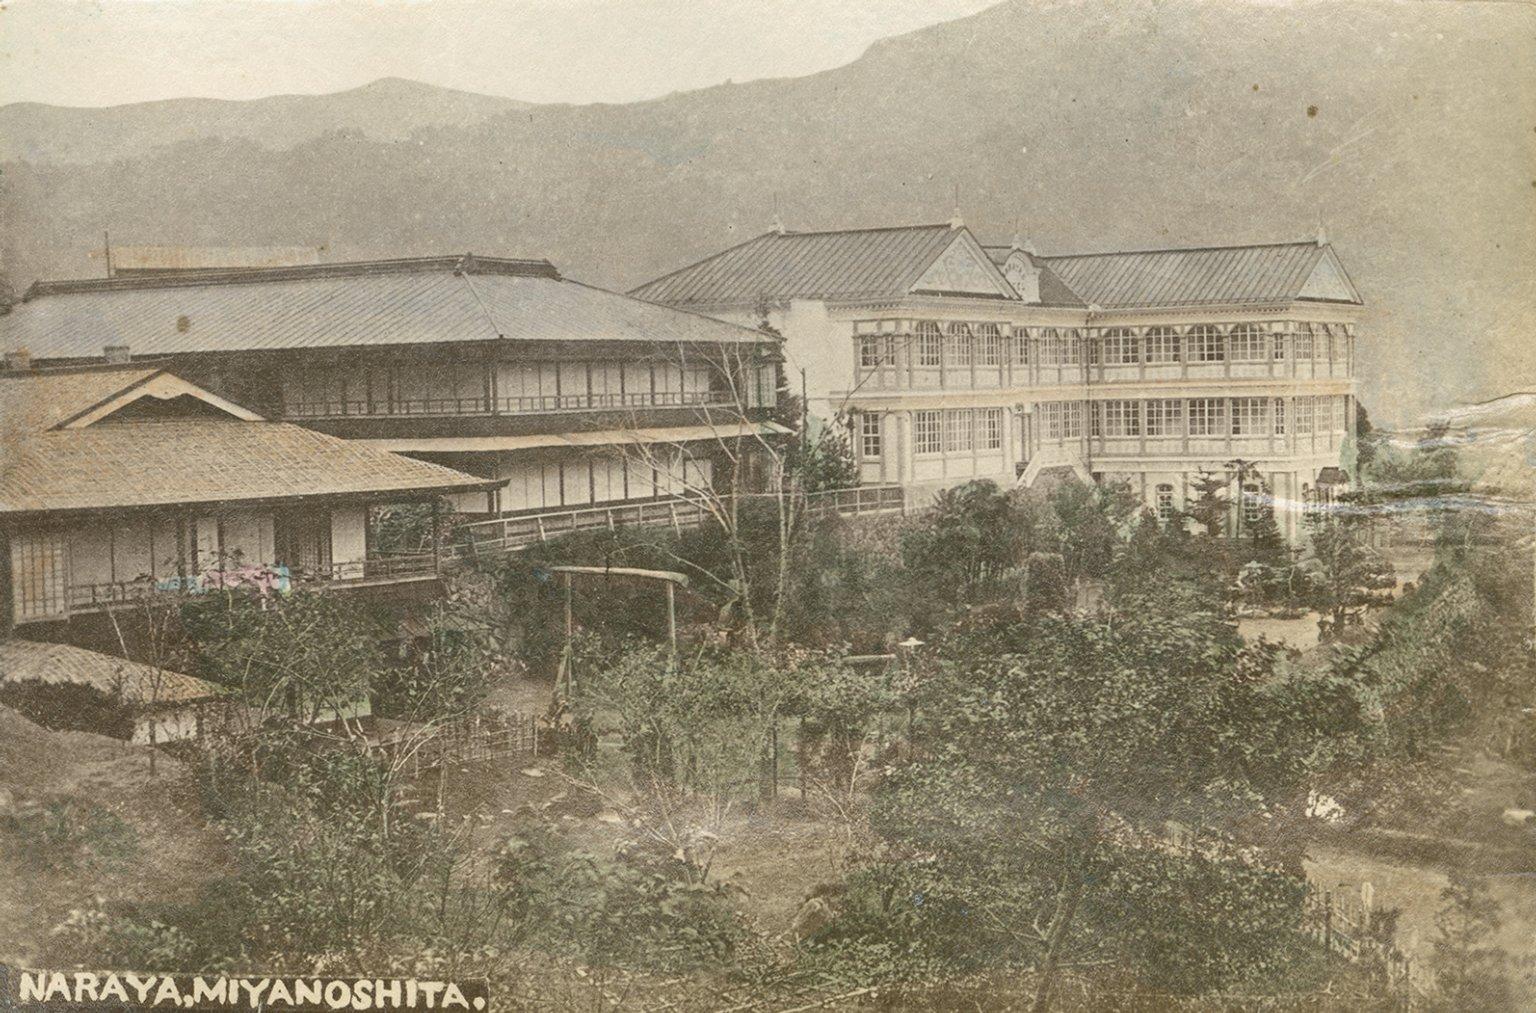 Miyanoshite onsen, Hakone